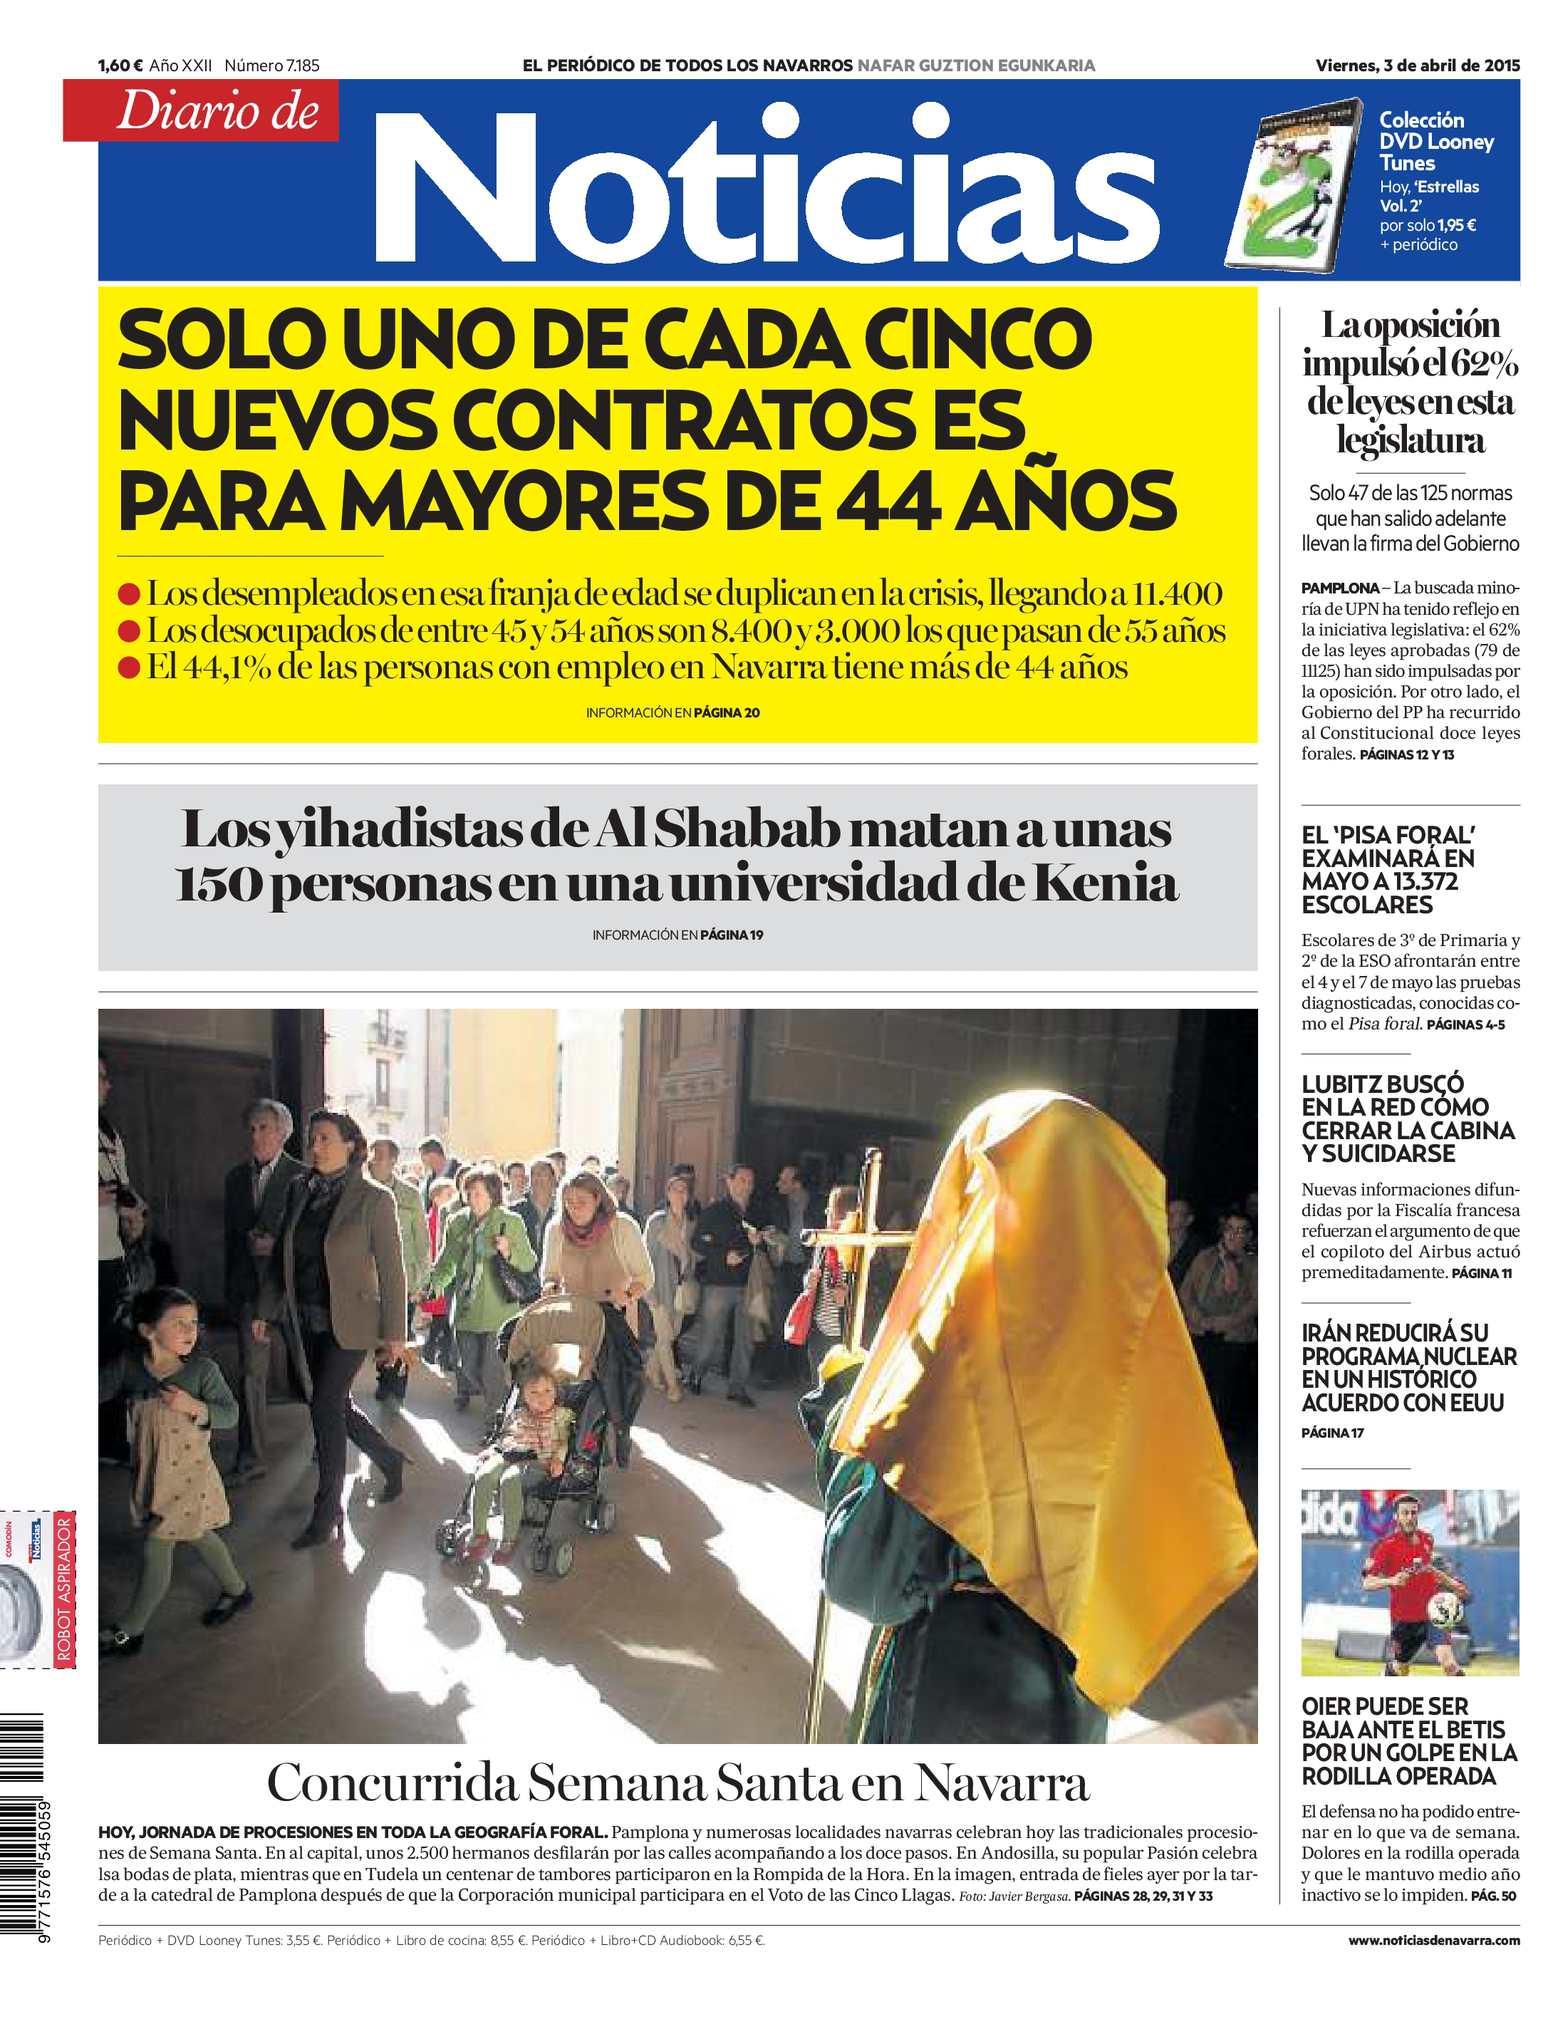 Calaméo - Diario de Noticias 20150403